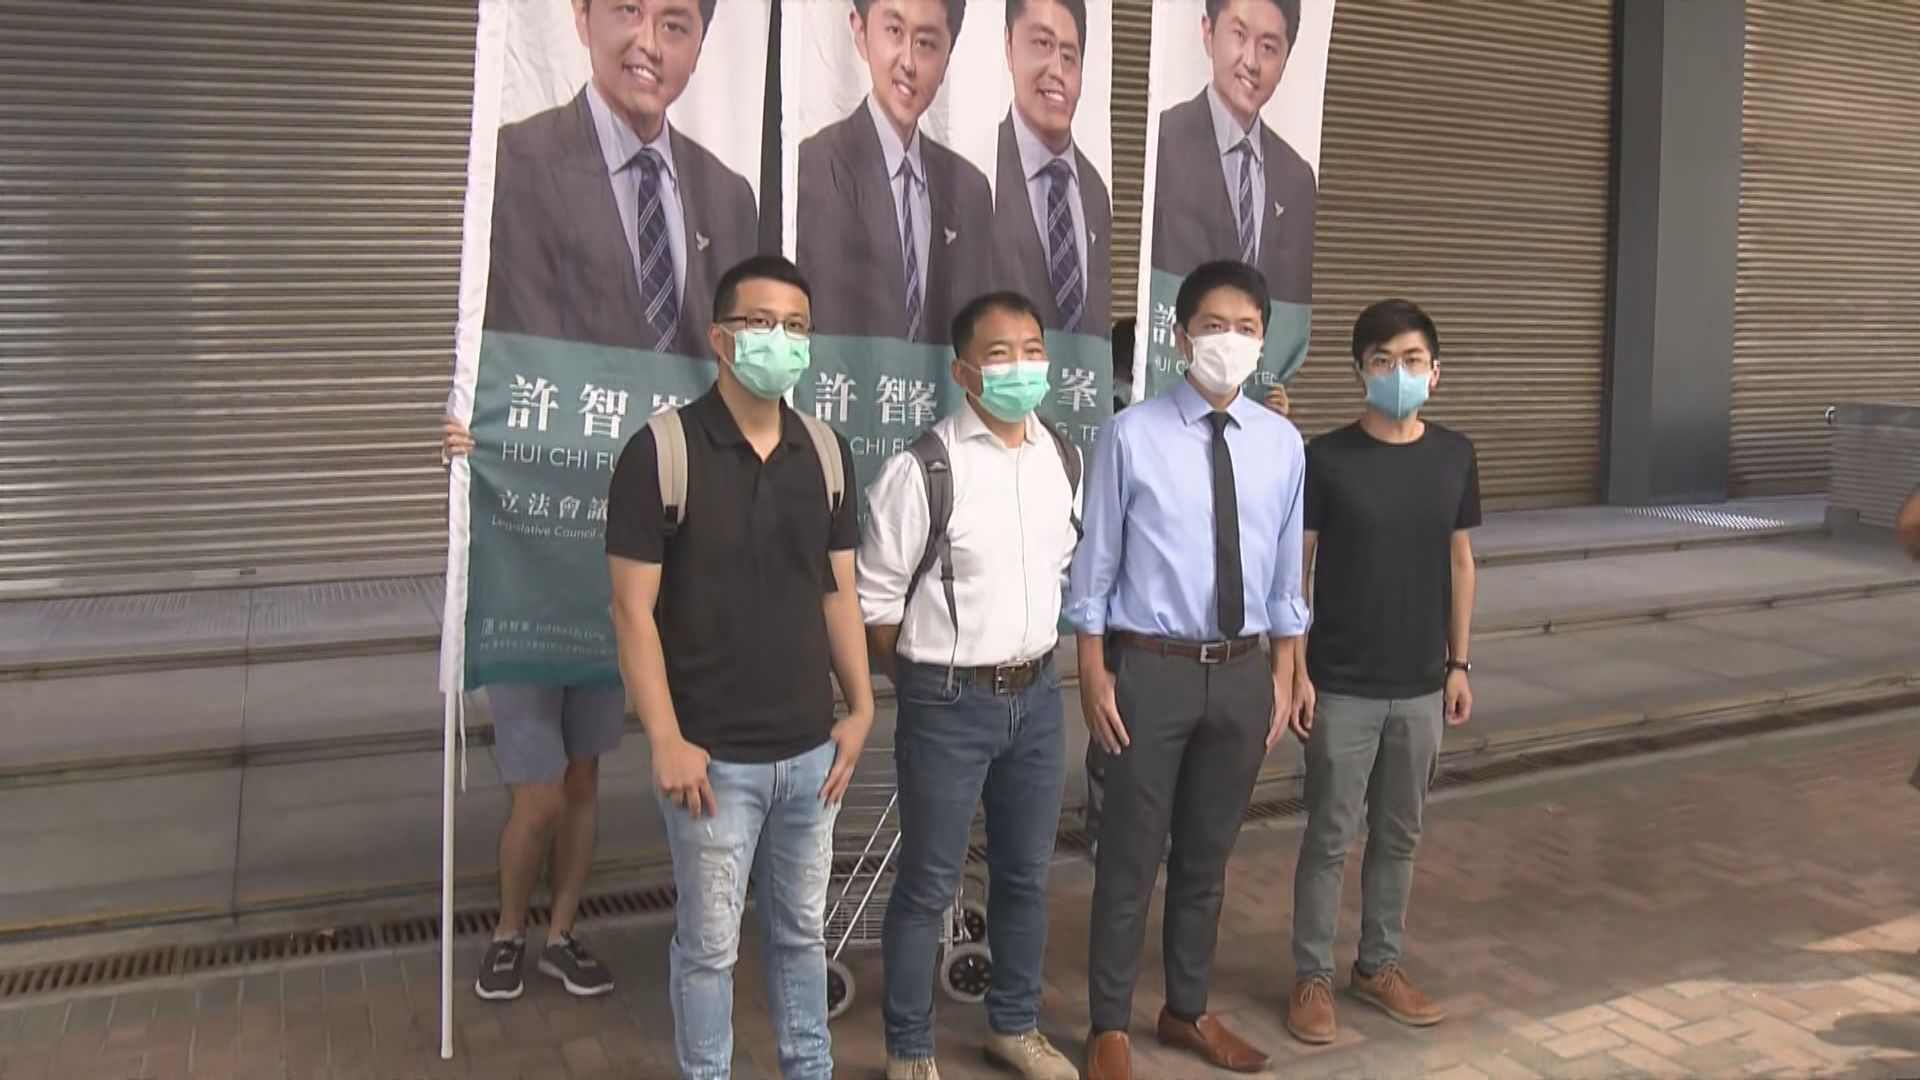 涂謹申、鄺俊宇及許智峯均表示會簽署確認書